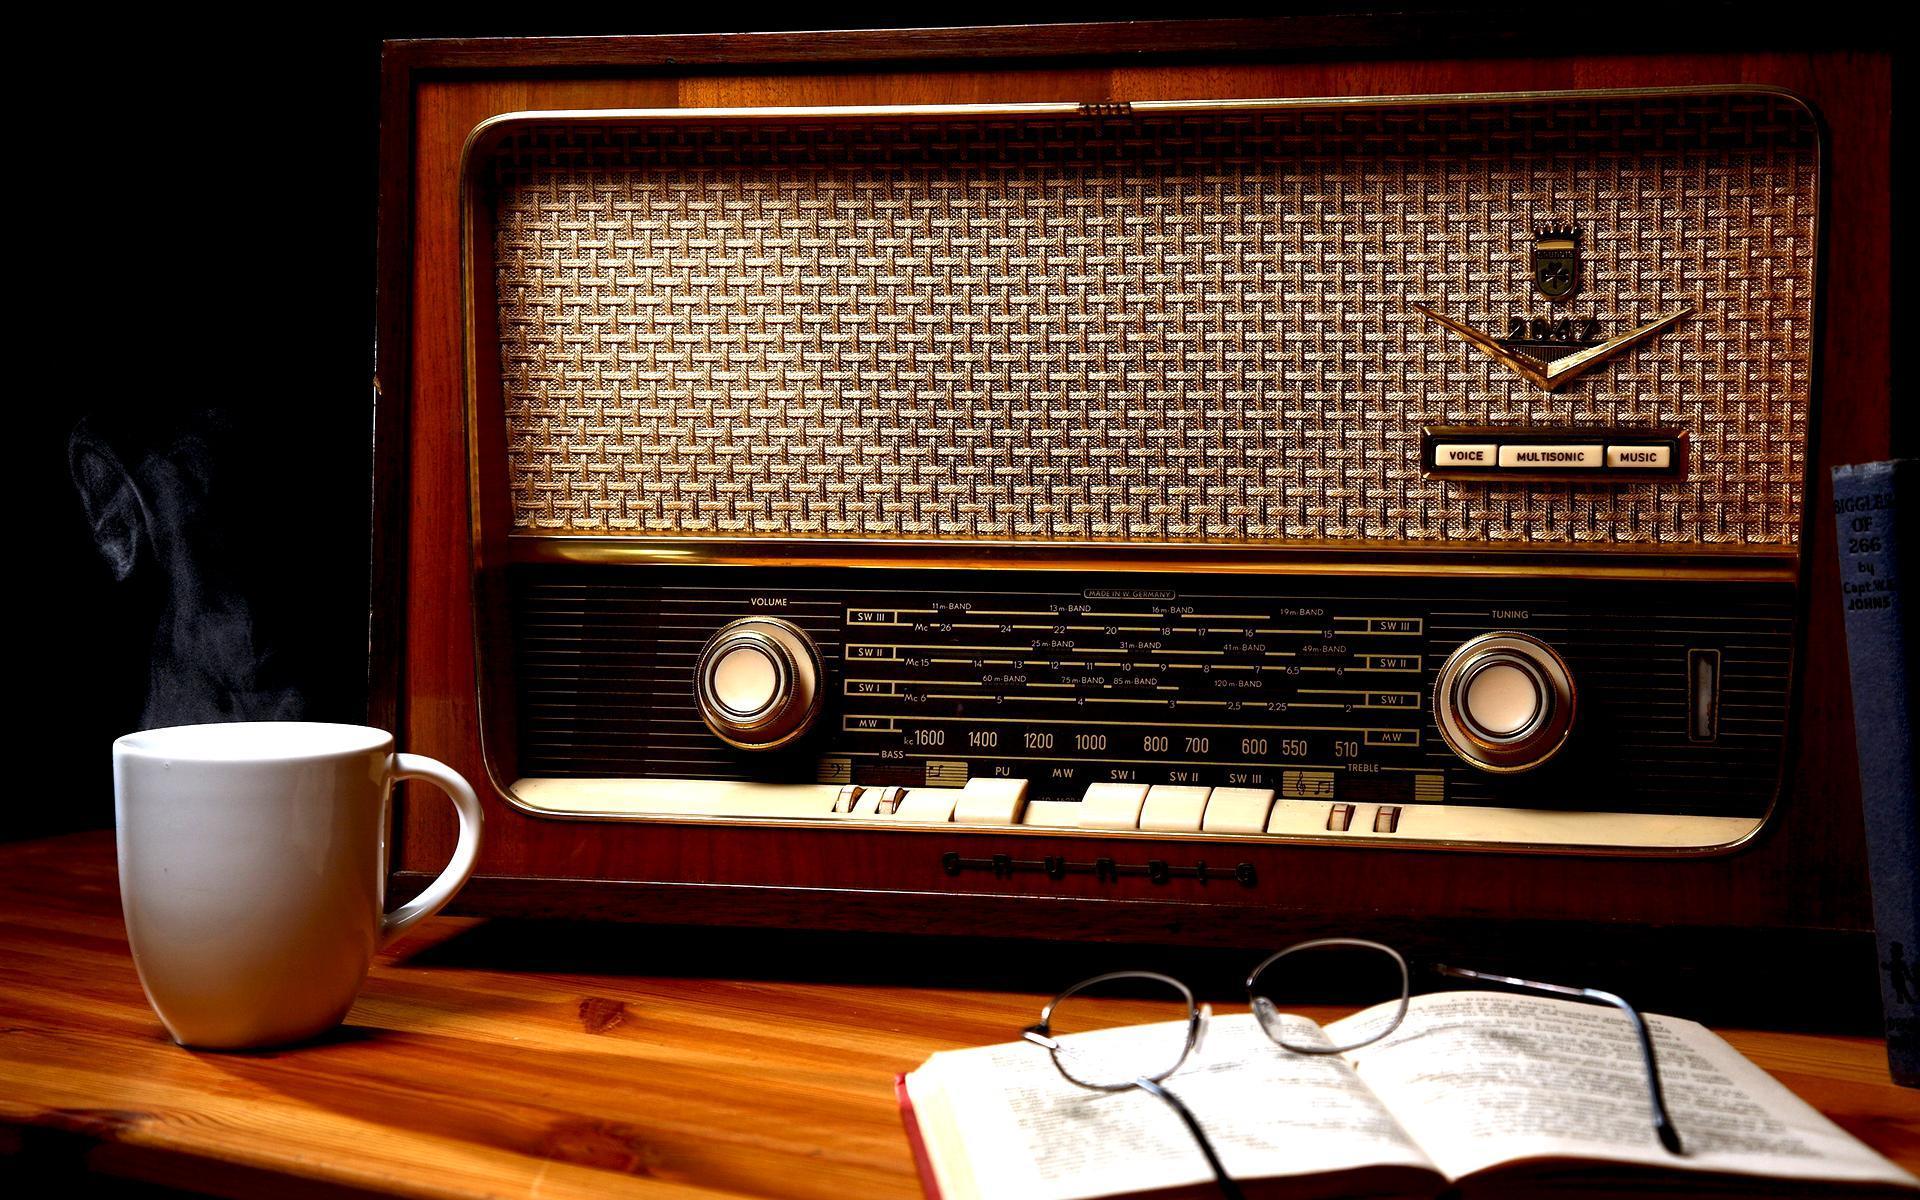 رادیو ایران به زندگی و آثار فرهیختگان میپردازد